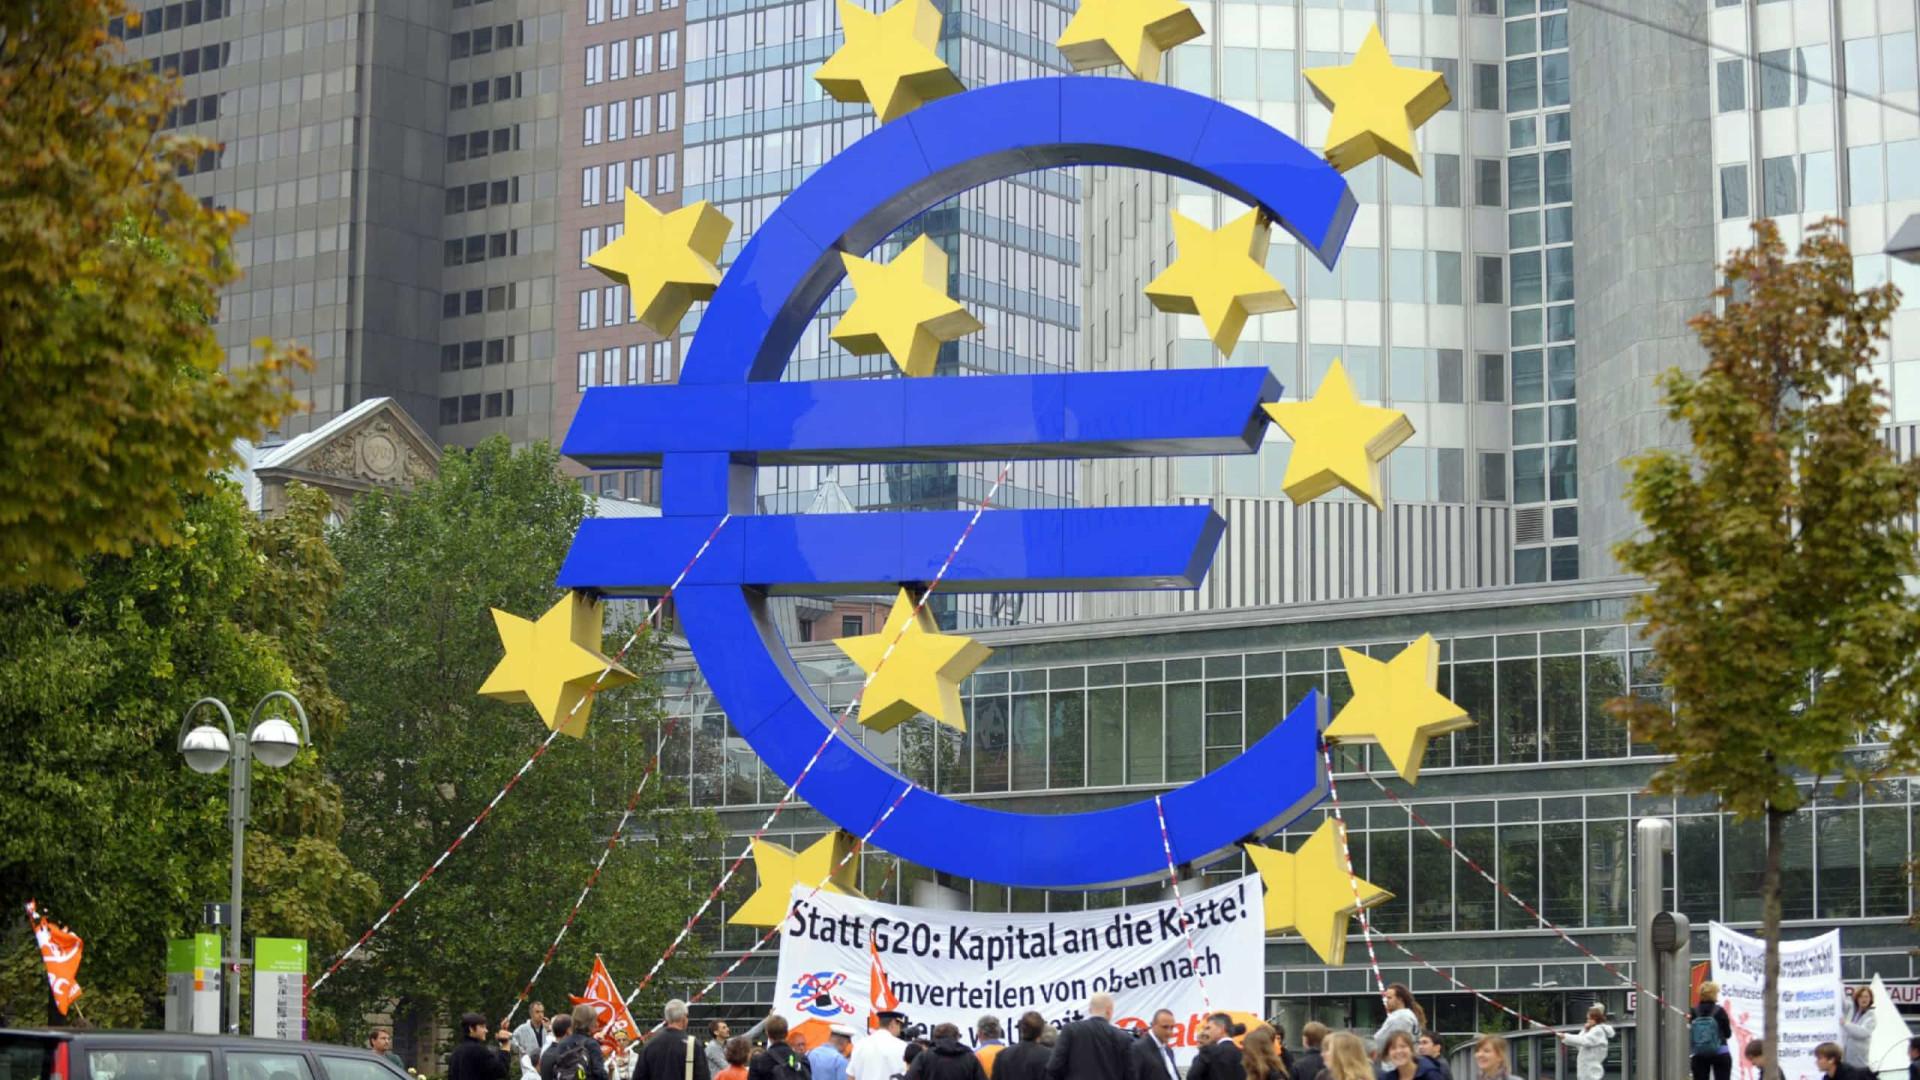 Bruxelas espera que plano orçamental de Portugal respeite promessas